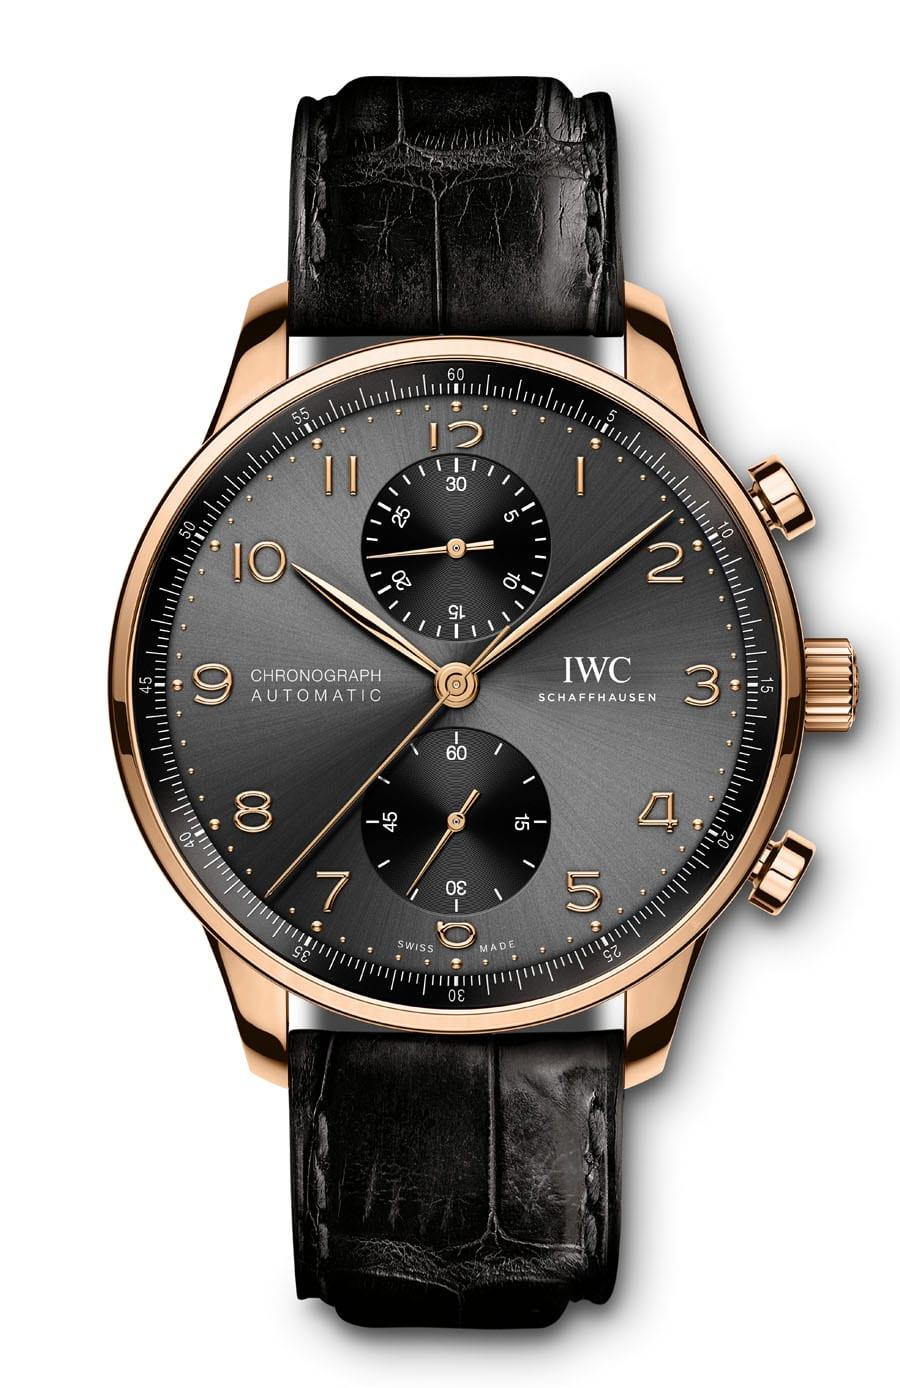 IWC: Portugieser Chronograph Referenz IW371610 in Rotgold mit schwarzem Zifferblatt